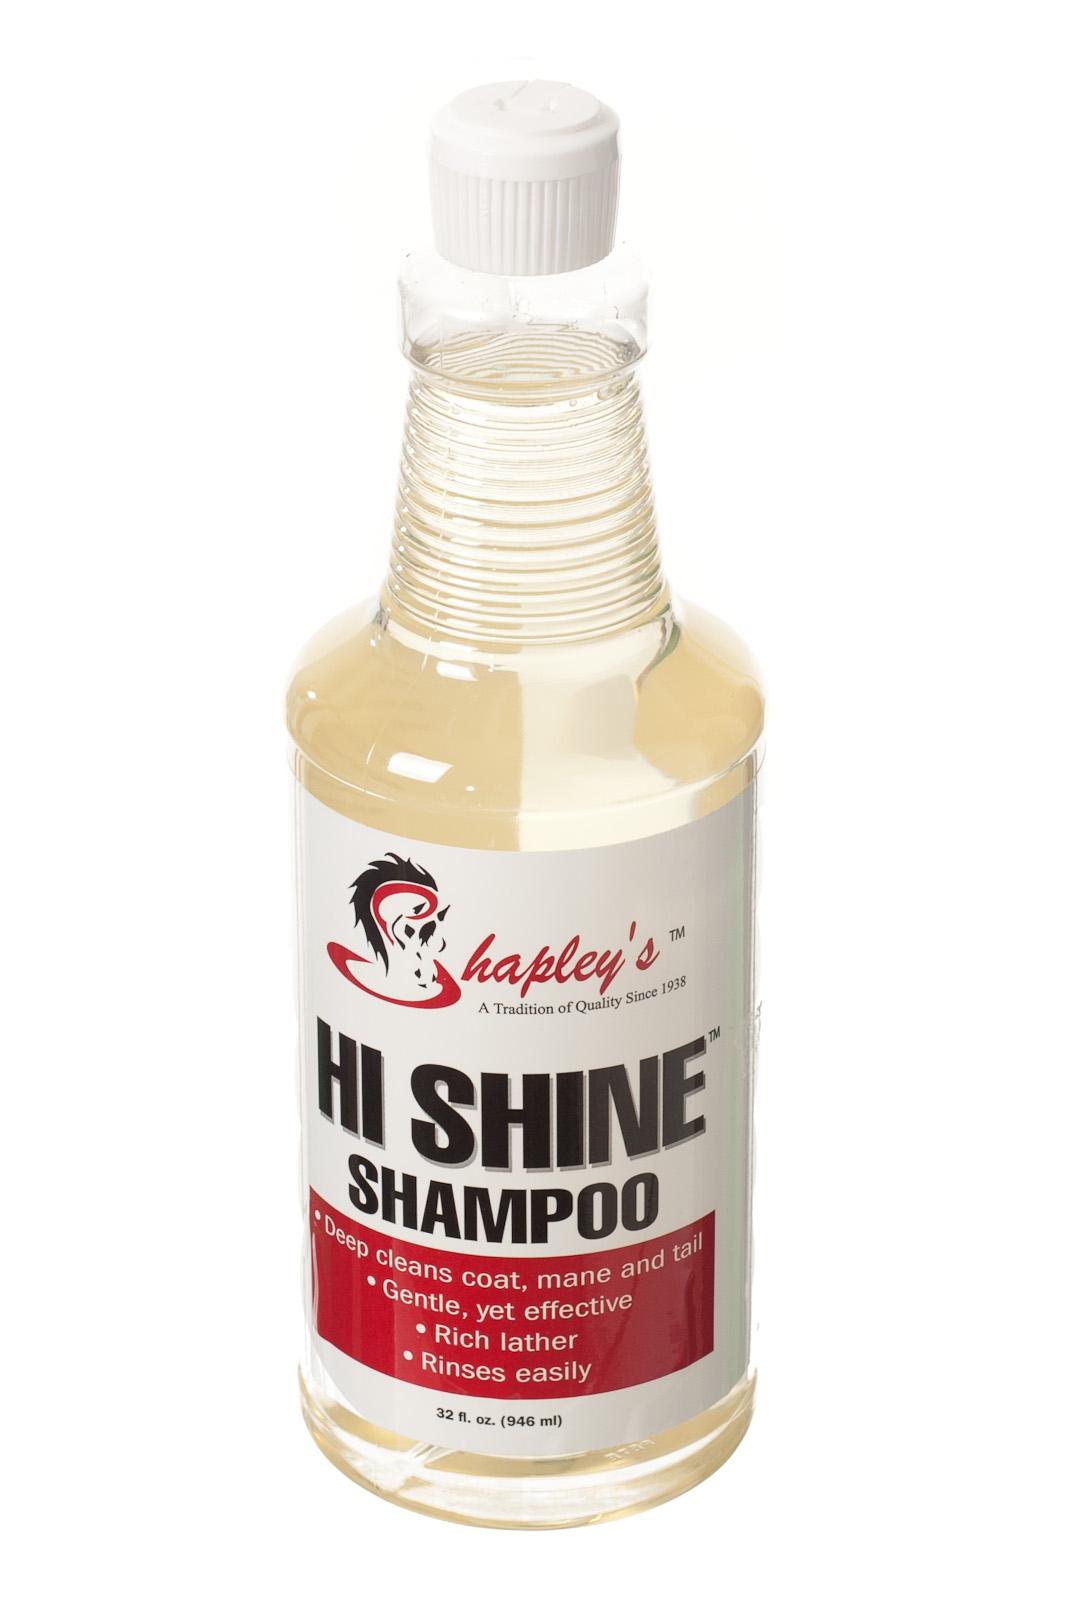 Shapley's Equitone Hi Shine Shampoo